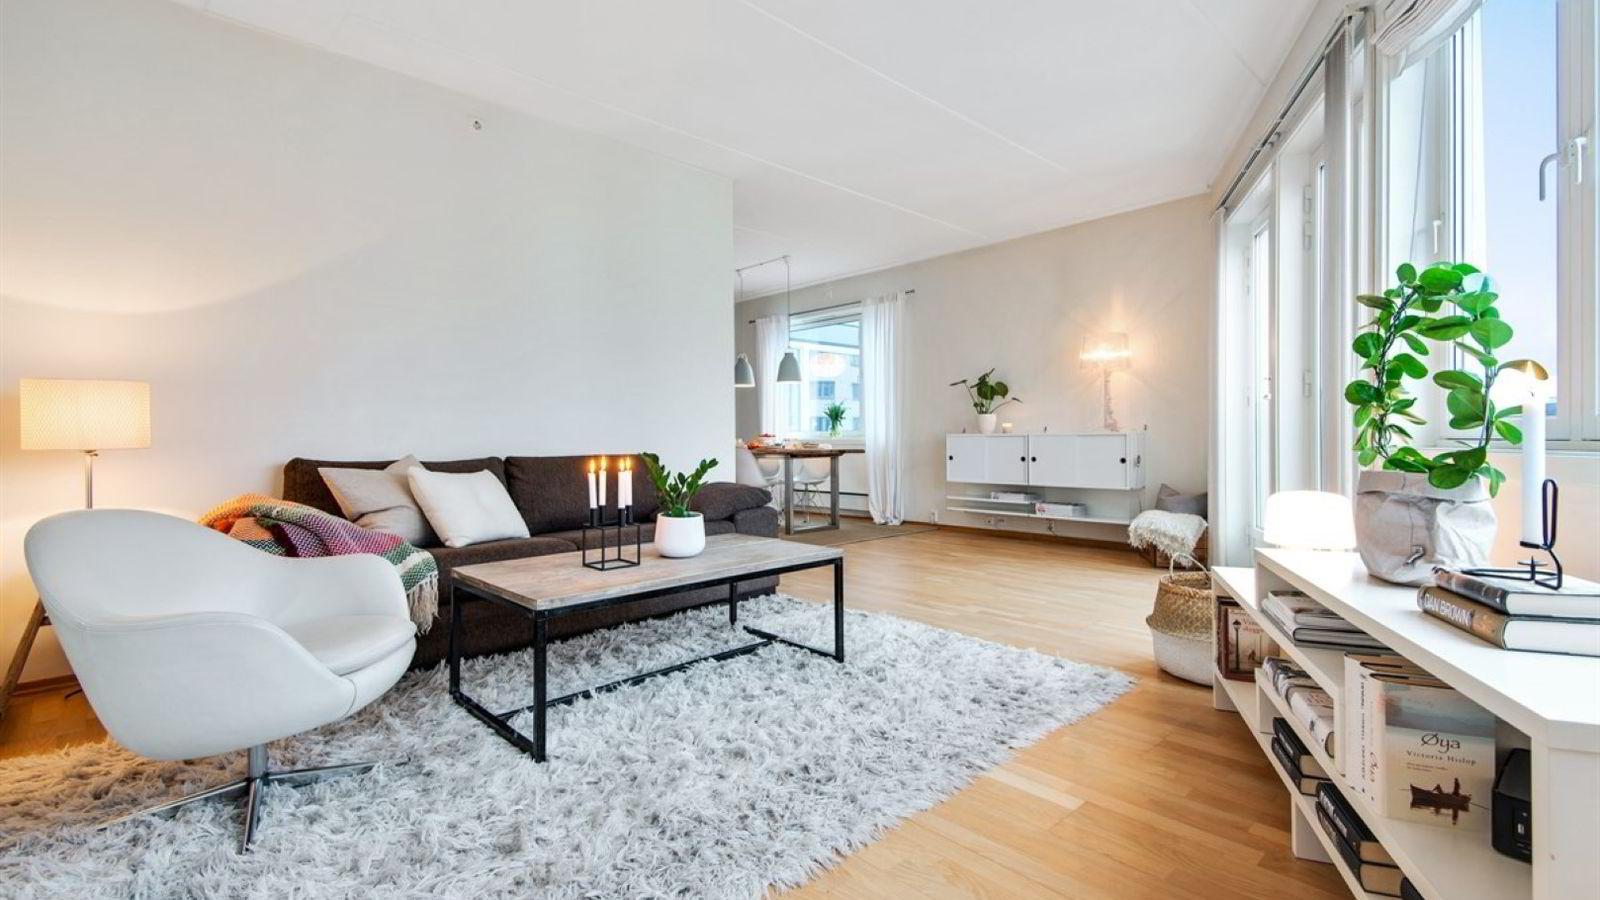 Denne leiligheten på Carl Berner ble solgt for 550.000 kroner over takst.